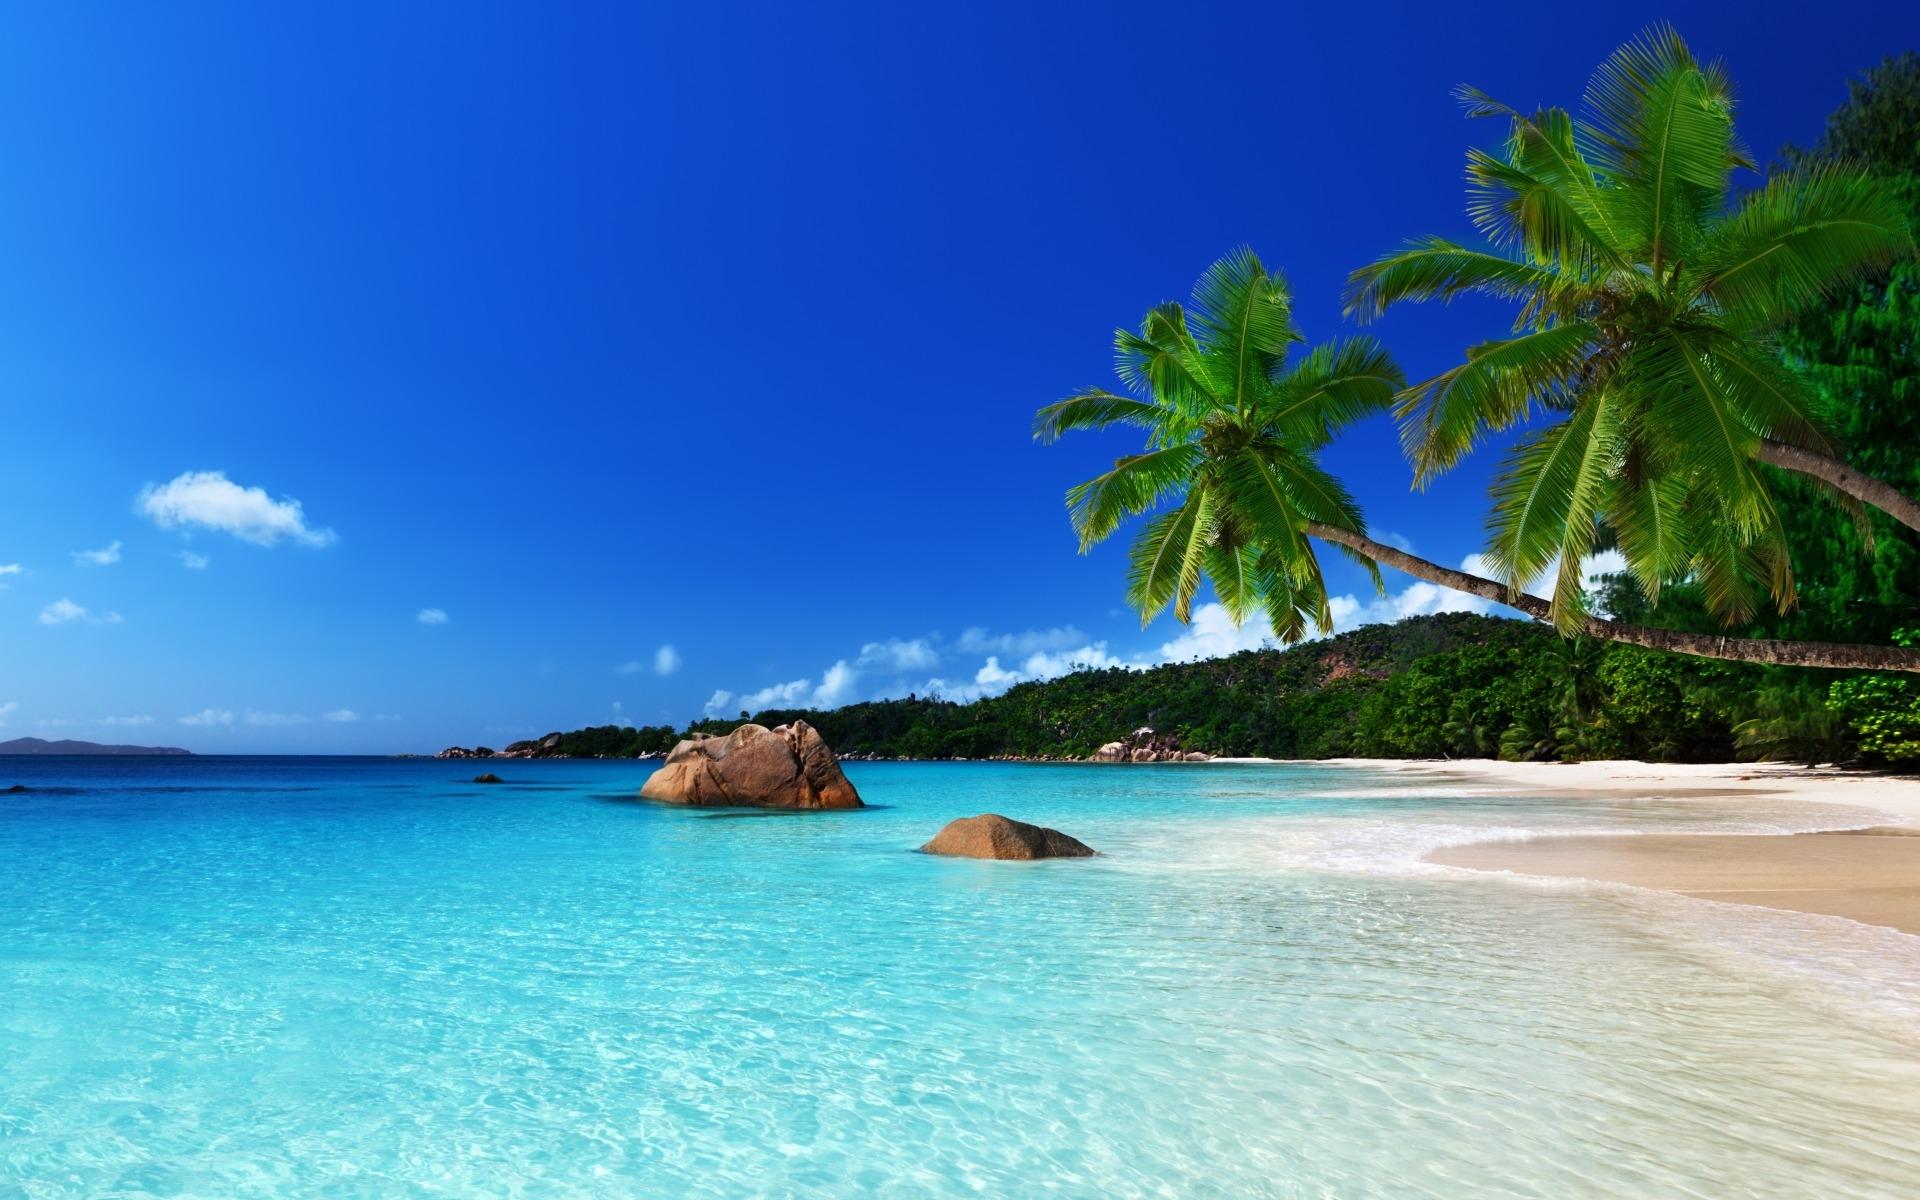 Top Tropical Island Desktop Wallpapers 1920x1200